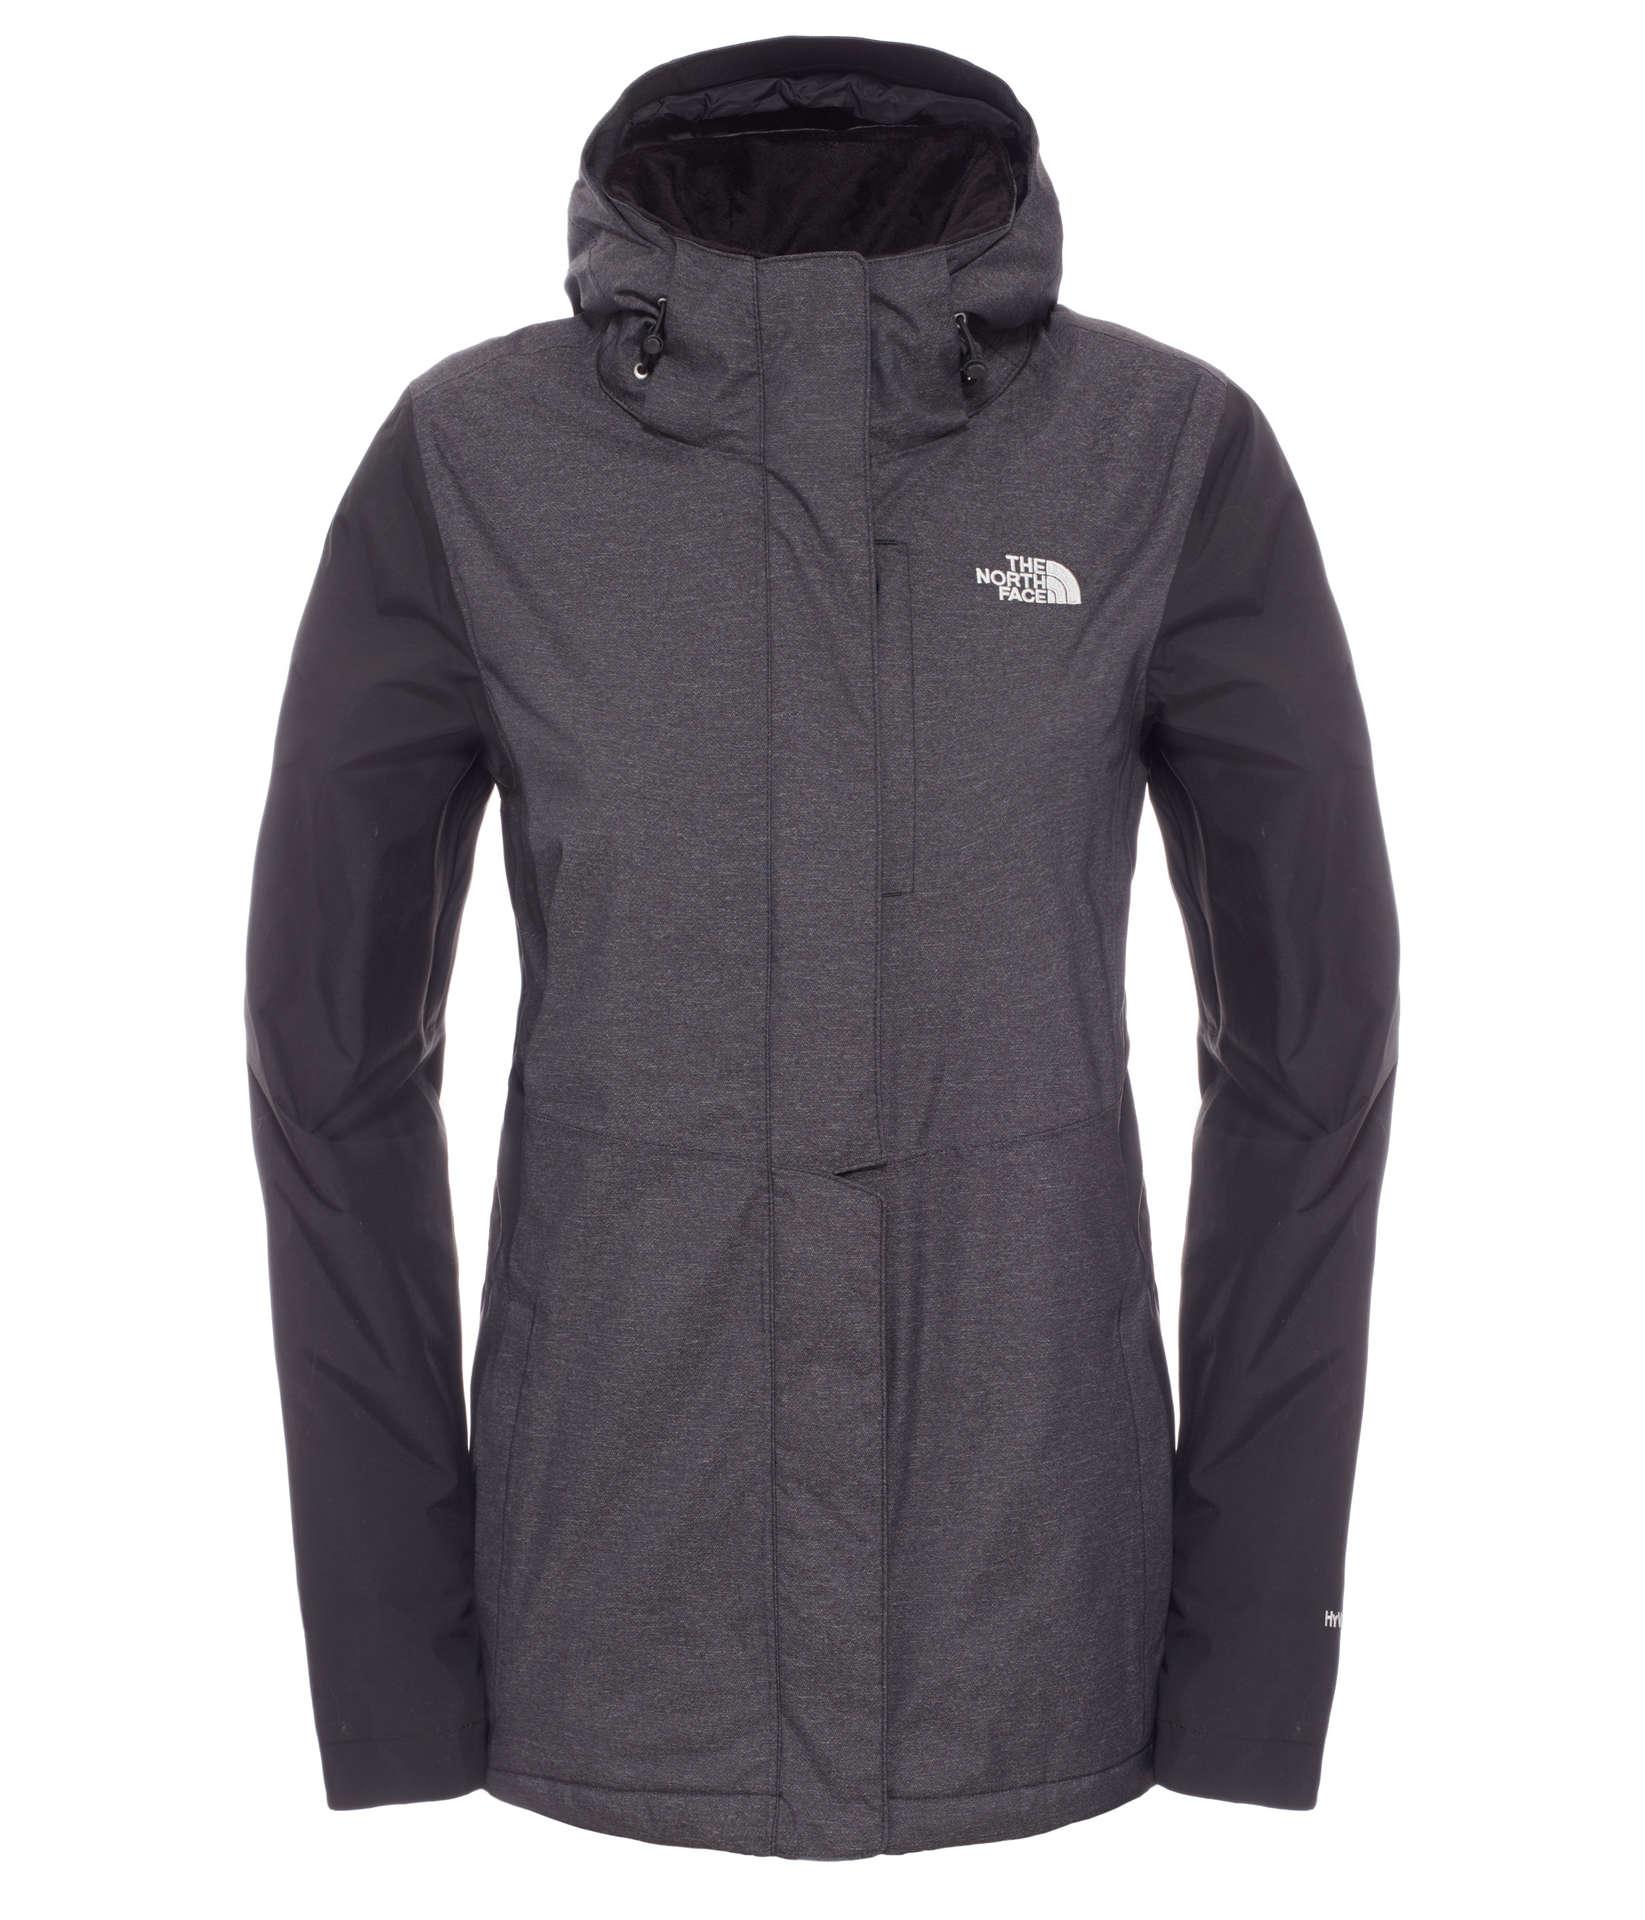 7759cd3f4ea The North Face Inlux Insulated jacket Zwart Dames koop je bij ...